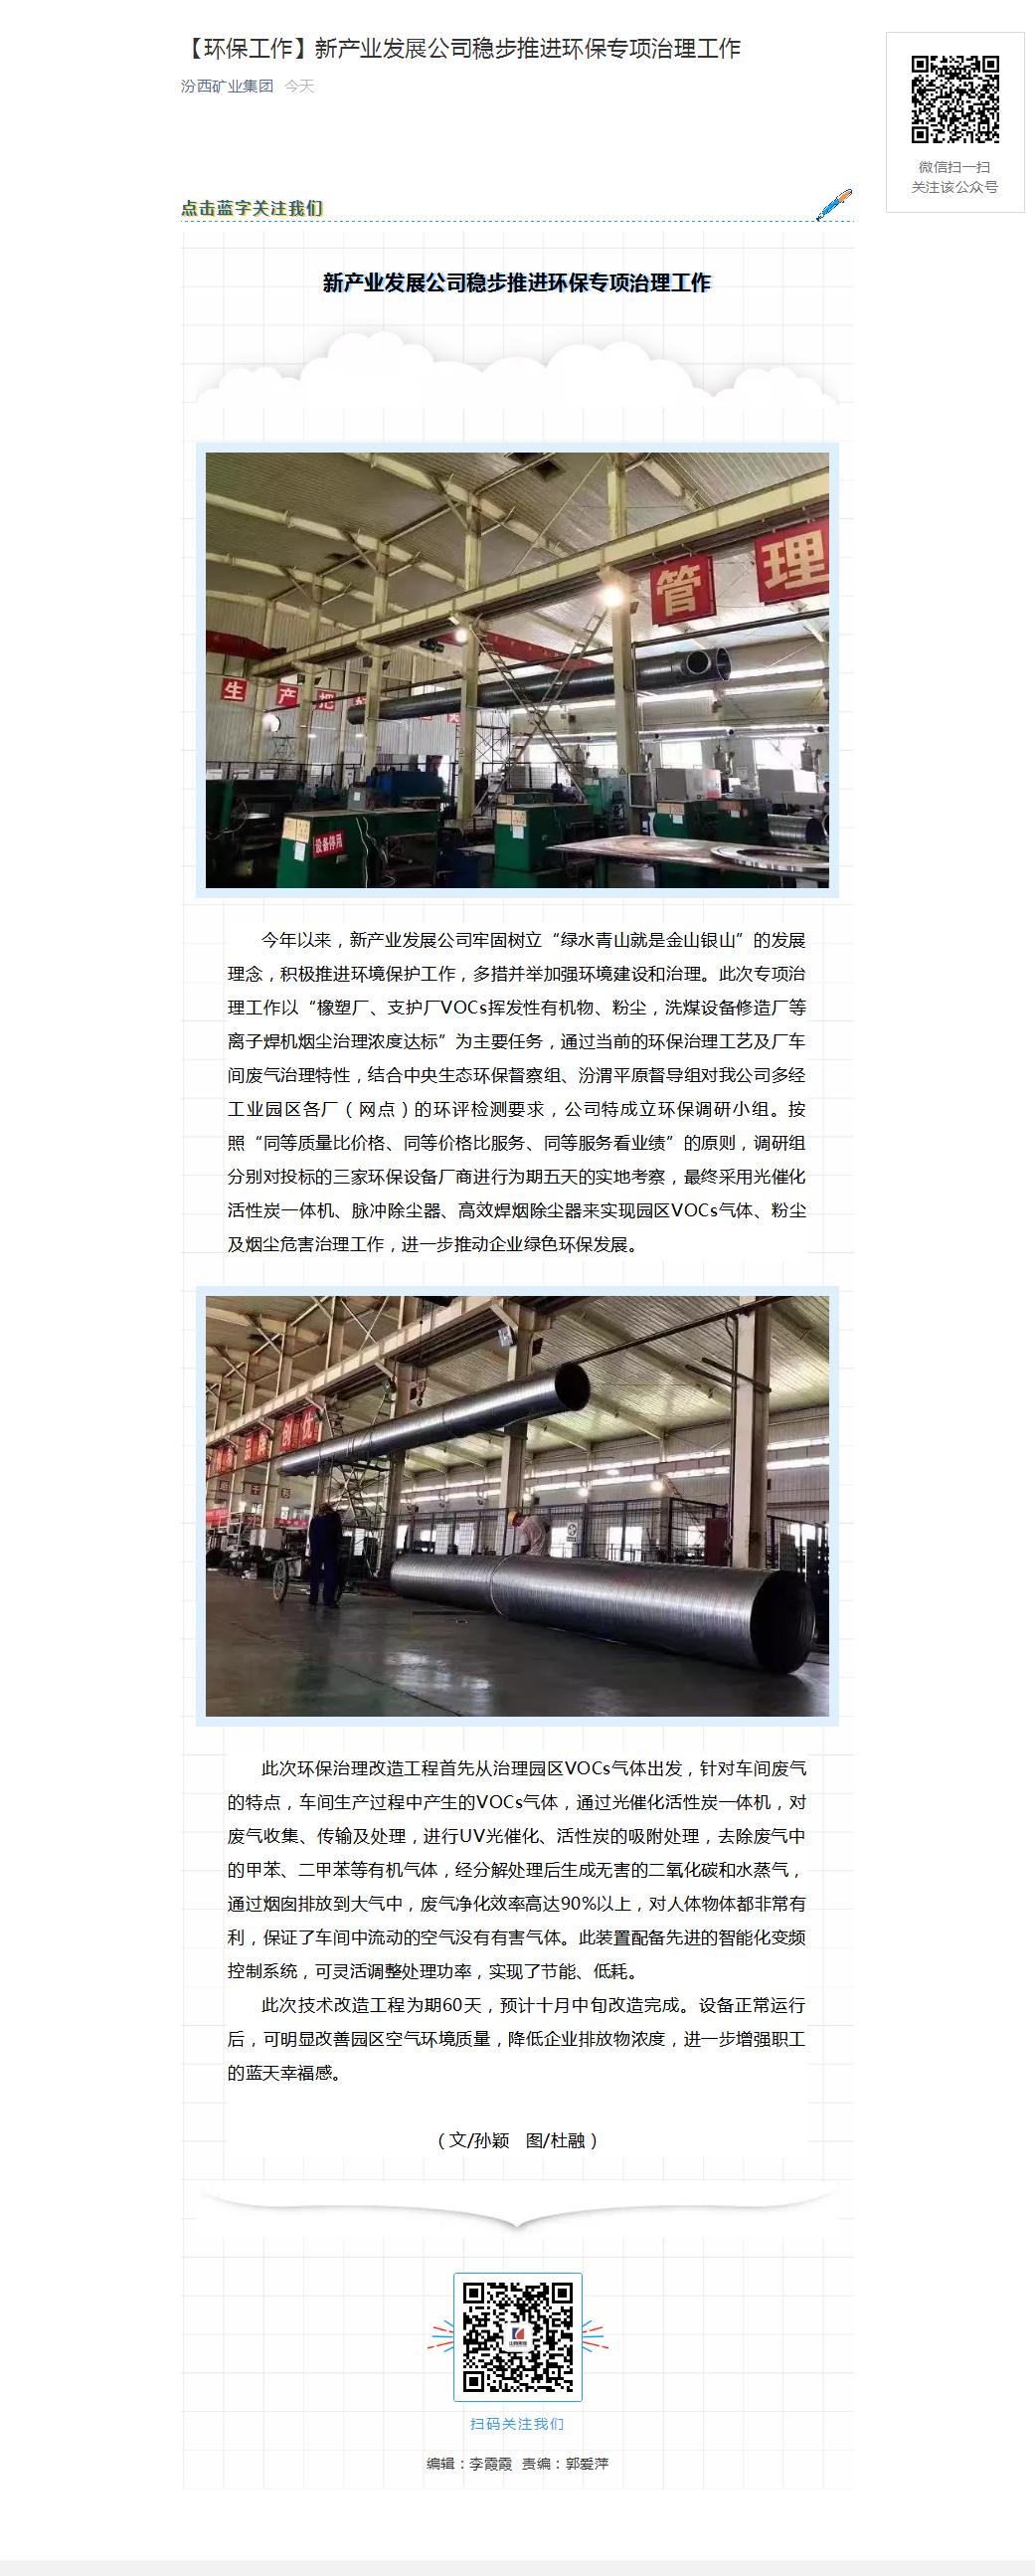 【環保工作】新産業發展公司穩步推進環保專項治理工作_.png